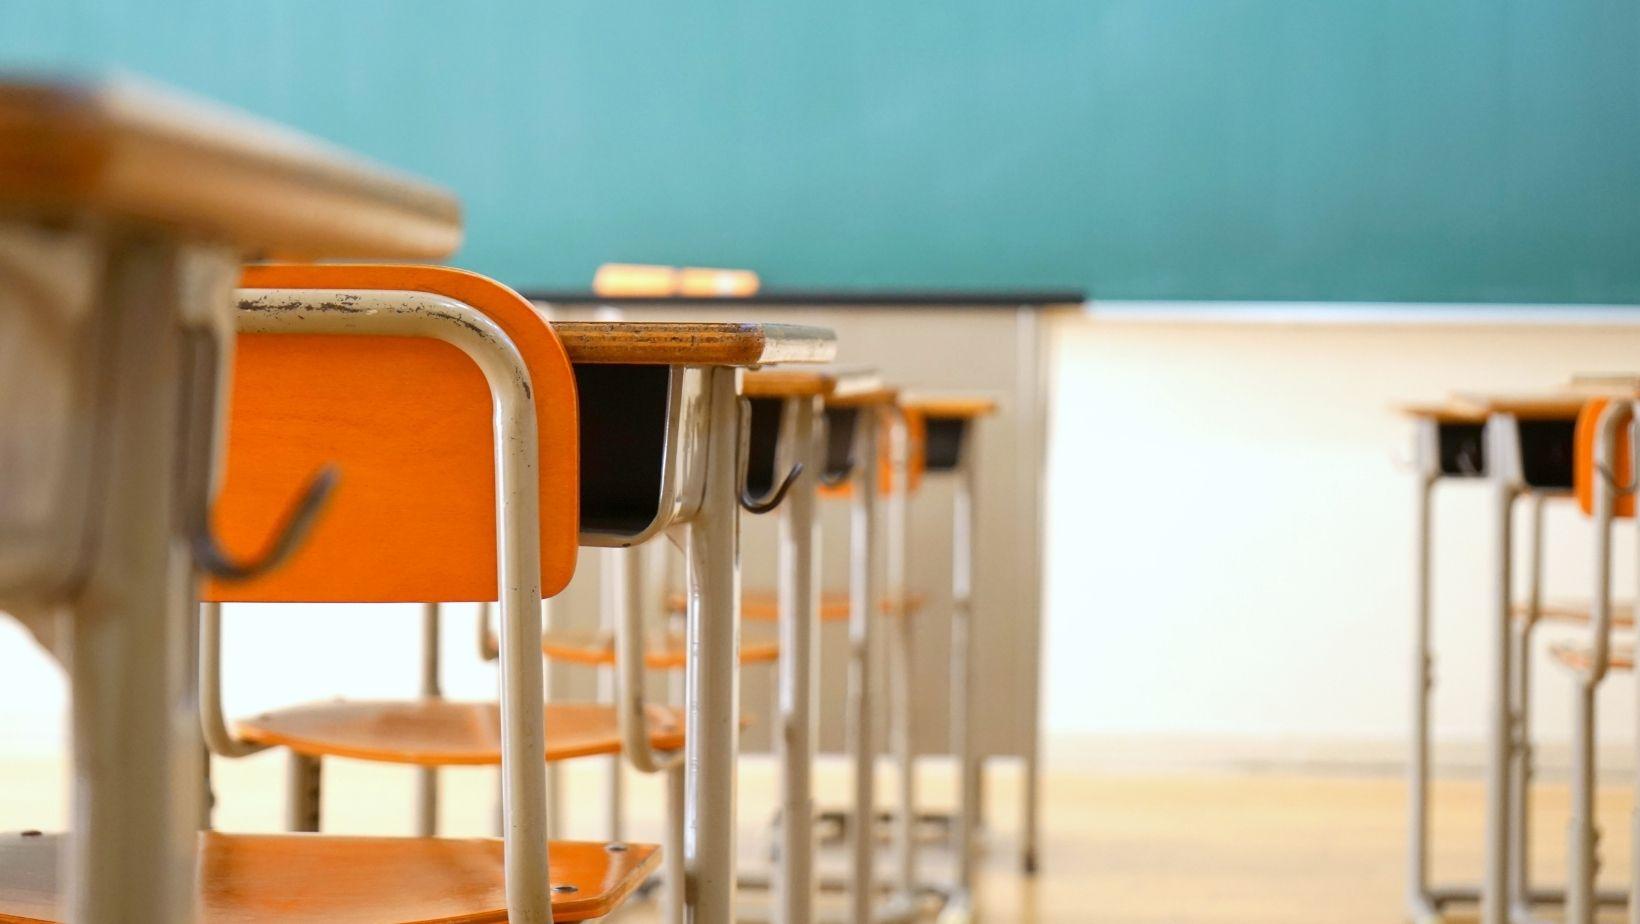 Escuelas públicas de Wake seguirá en clases virtuales al menos hasta el 15 de febrero - Enlace Latino NC